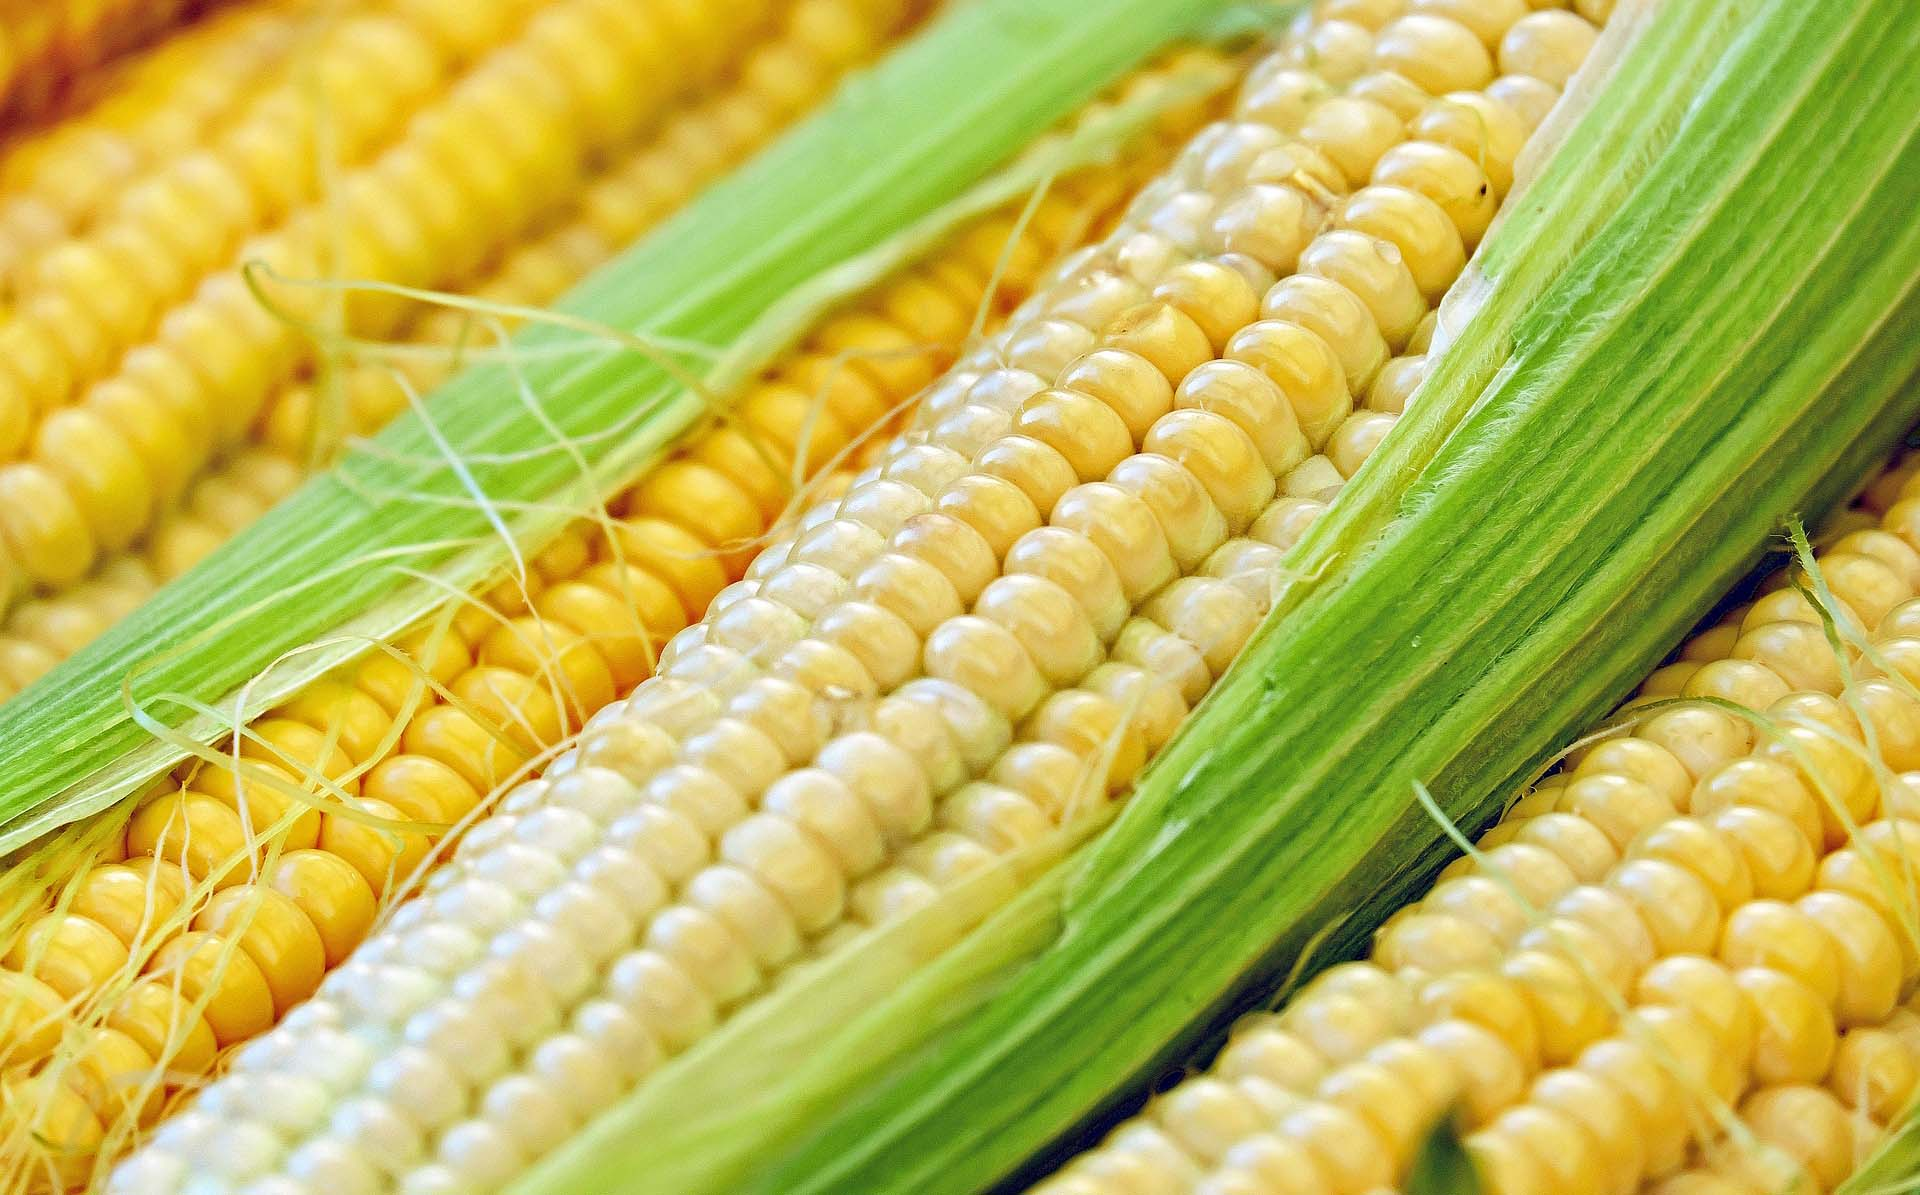 agricoltura biologica e tradizionale